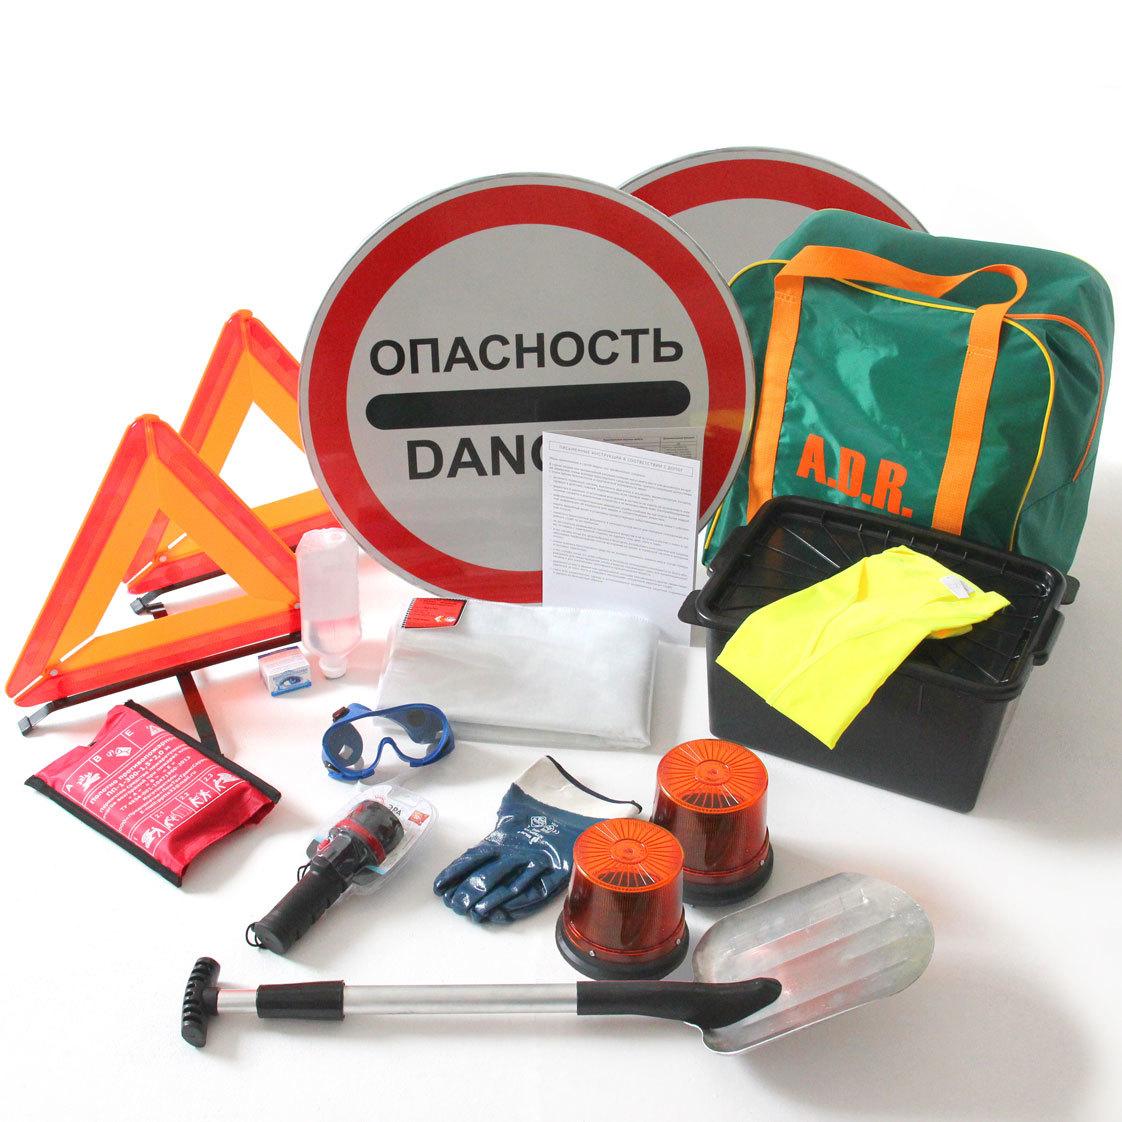 ADR комплект для перевозки нефтепродуктов 3 и 9 классов (по ДОПОГ и ТР ТС 018/2011)